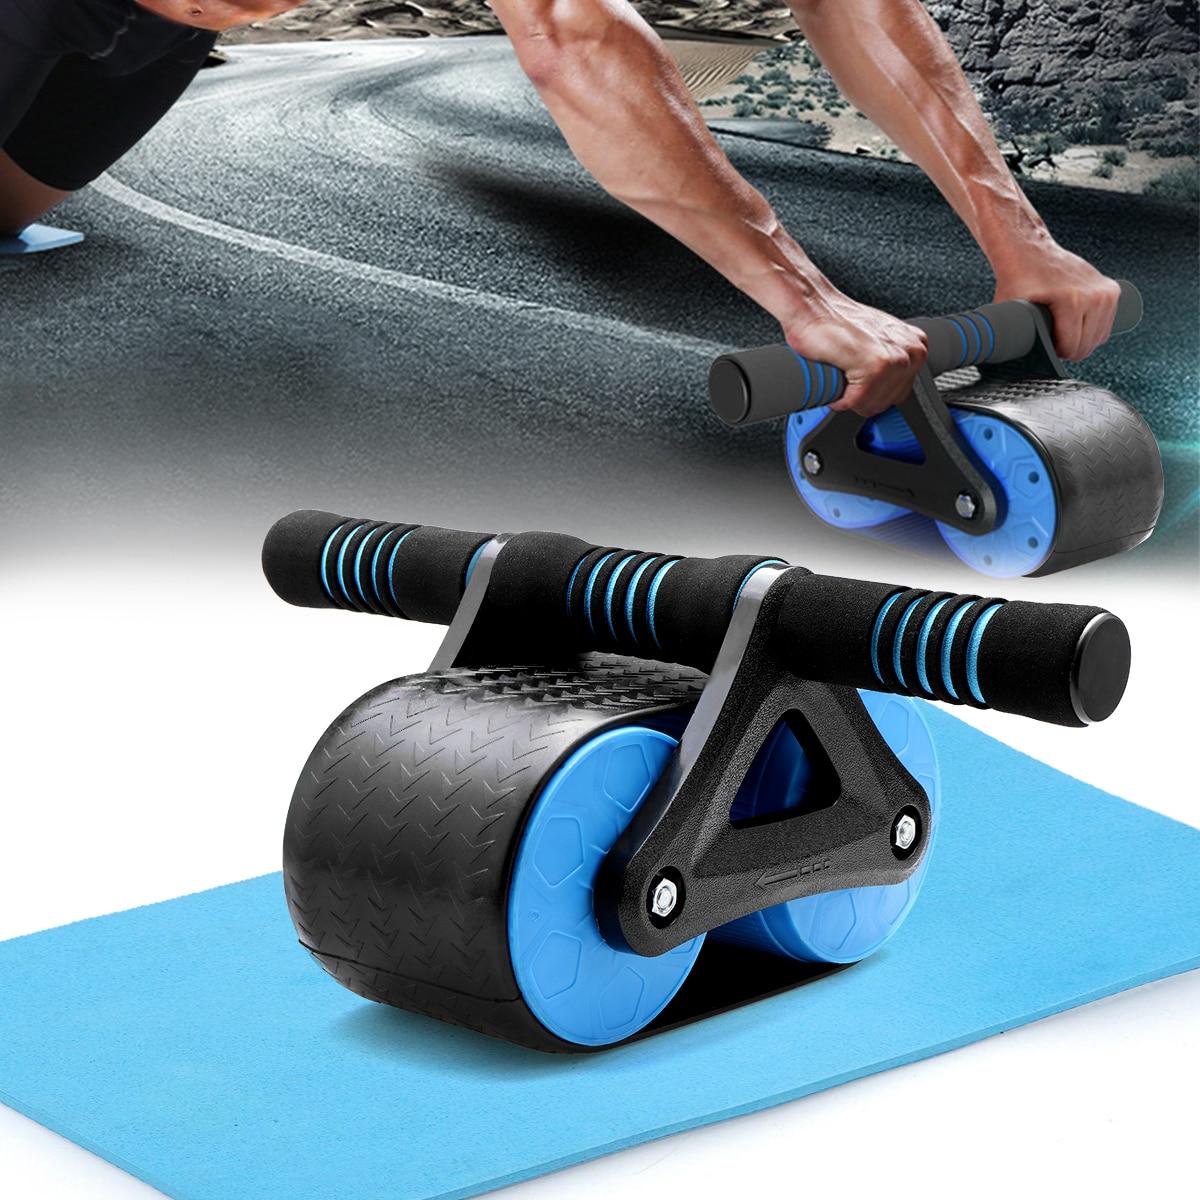 Les muscles abdominaux gardent les roues plus efficaces Double roue Ab rouleau avec tapis pour l'équipement de Fitness d'exercice